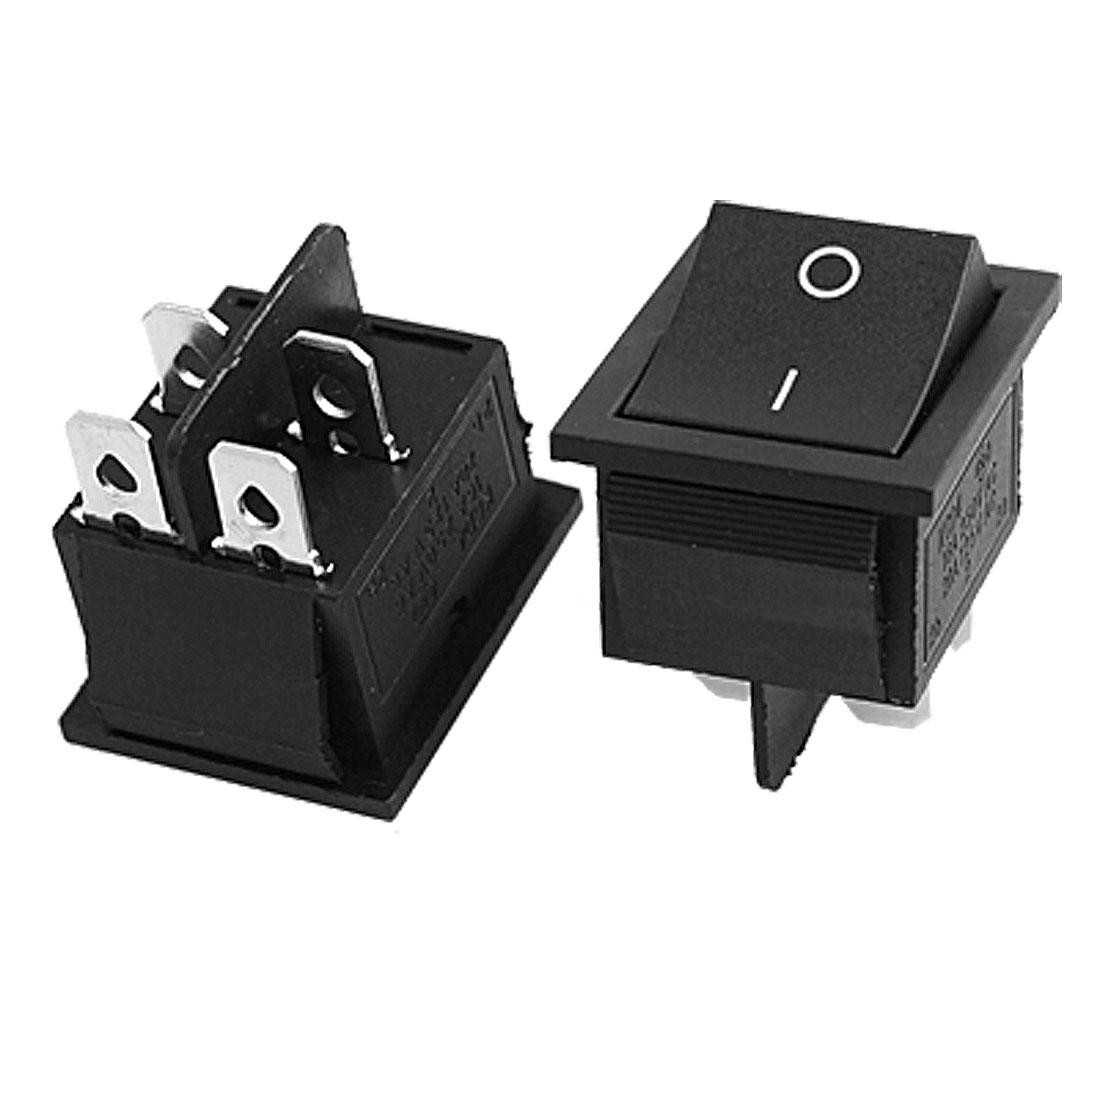 2 x AC 16A/250V 20A/125V 4 Pin ON-OFF 2 Position DPST Snap in Boat Rocker Switch